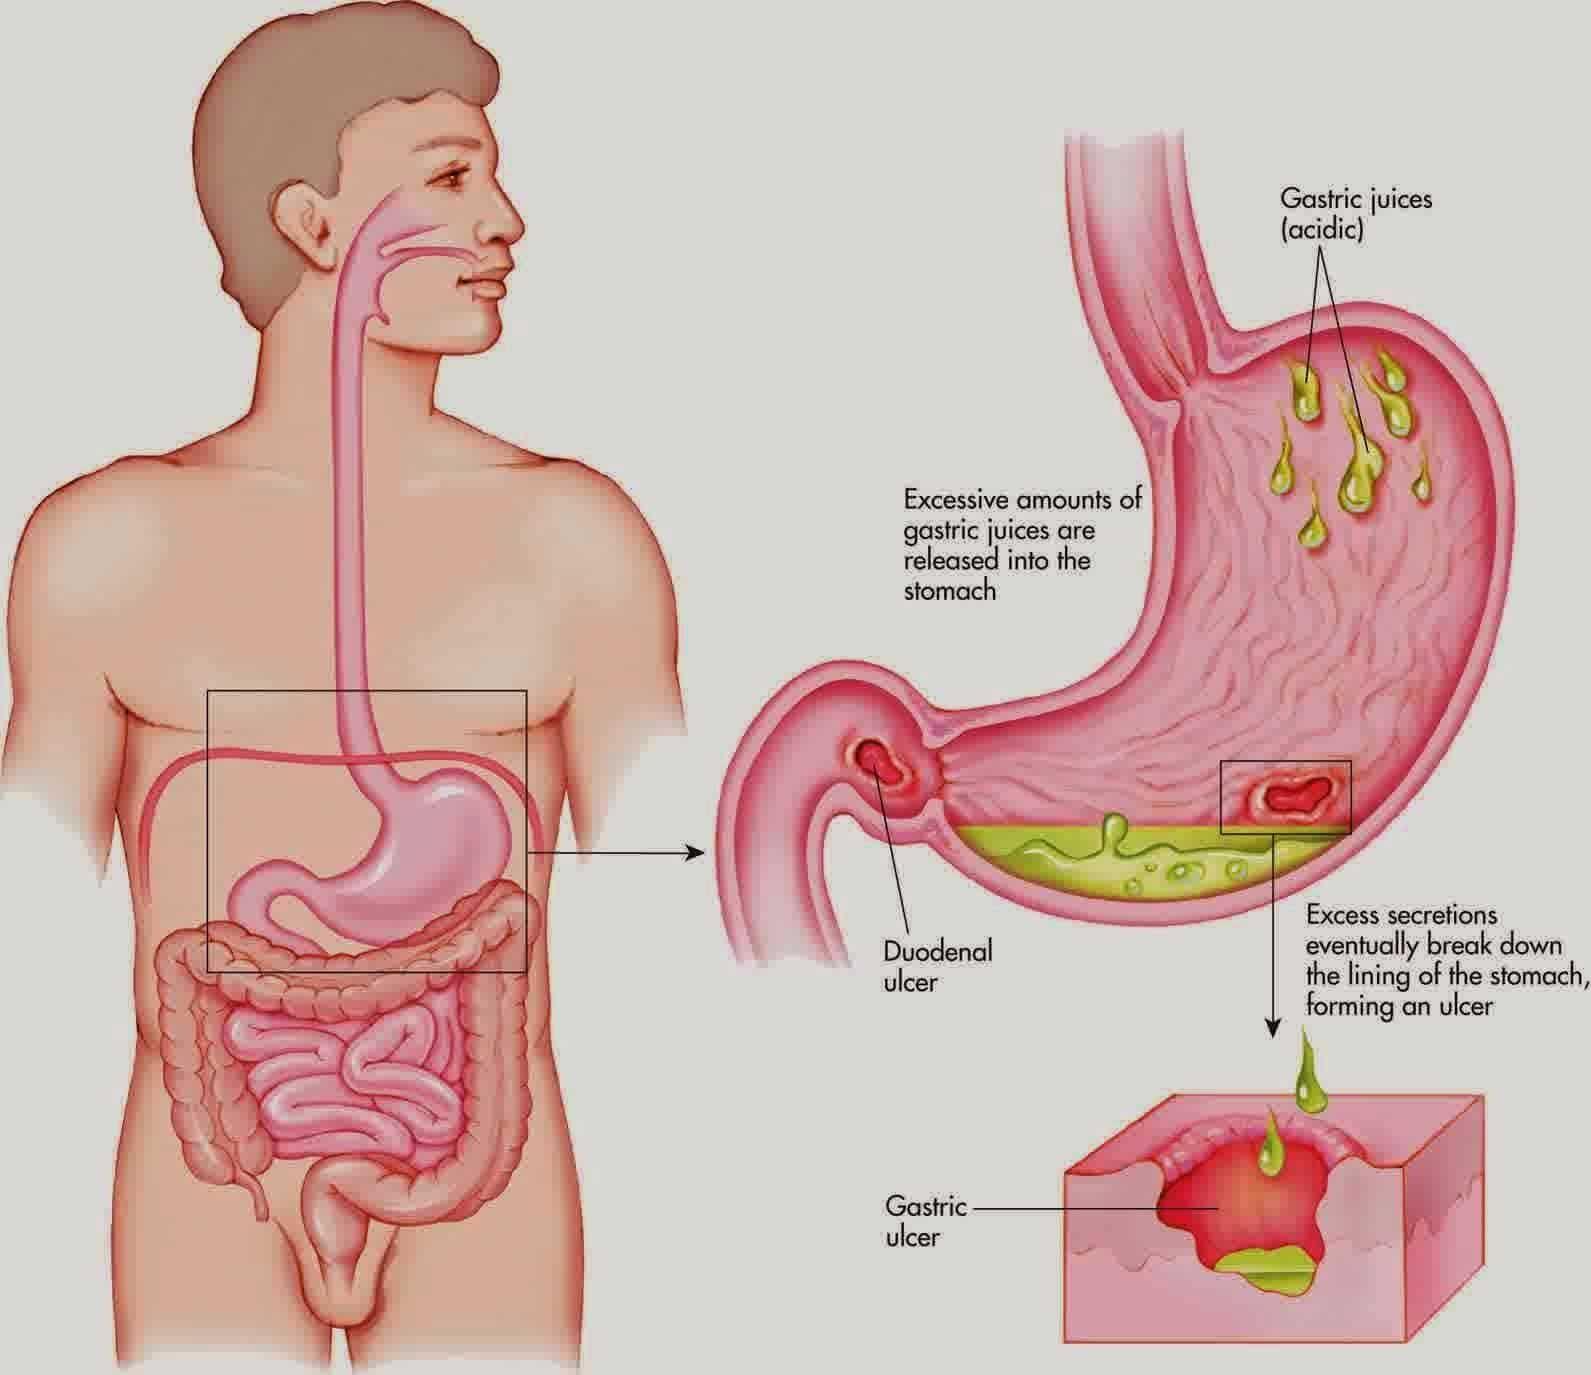 Saat perut kosong maka asam lambung akan menghasilkan asam yang berlebih sehingga menimbulkan sakit maag Banyak obat maag alami dari tumbuhan yang ampuh untuk mengobati masalah asam lambung anda